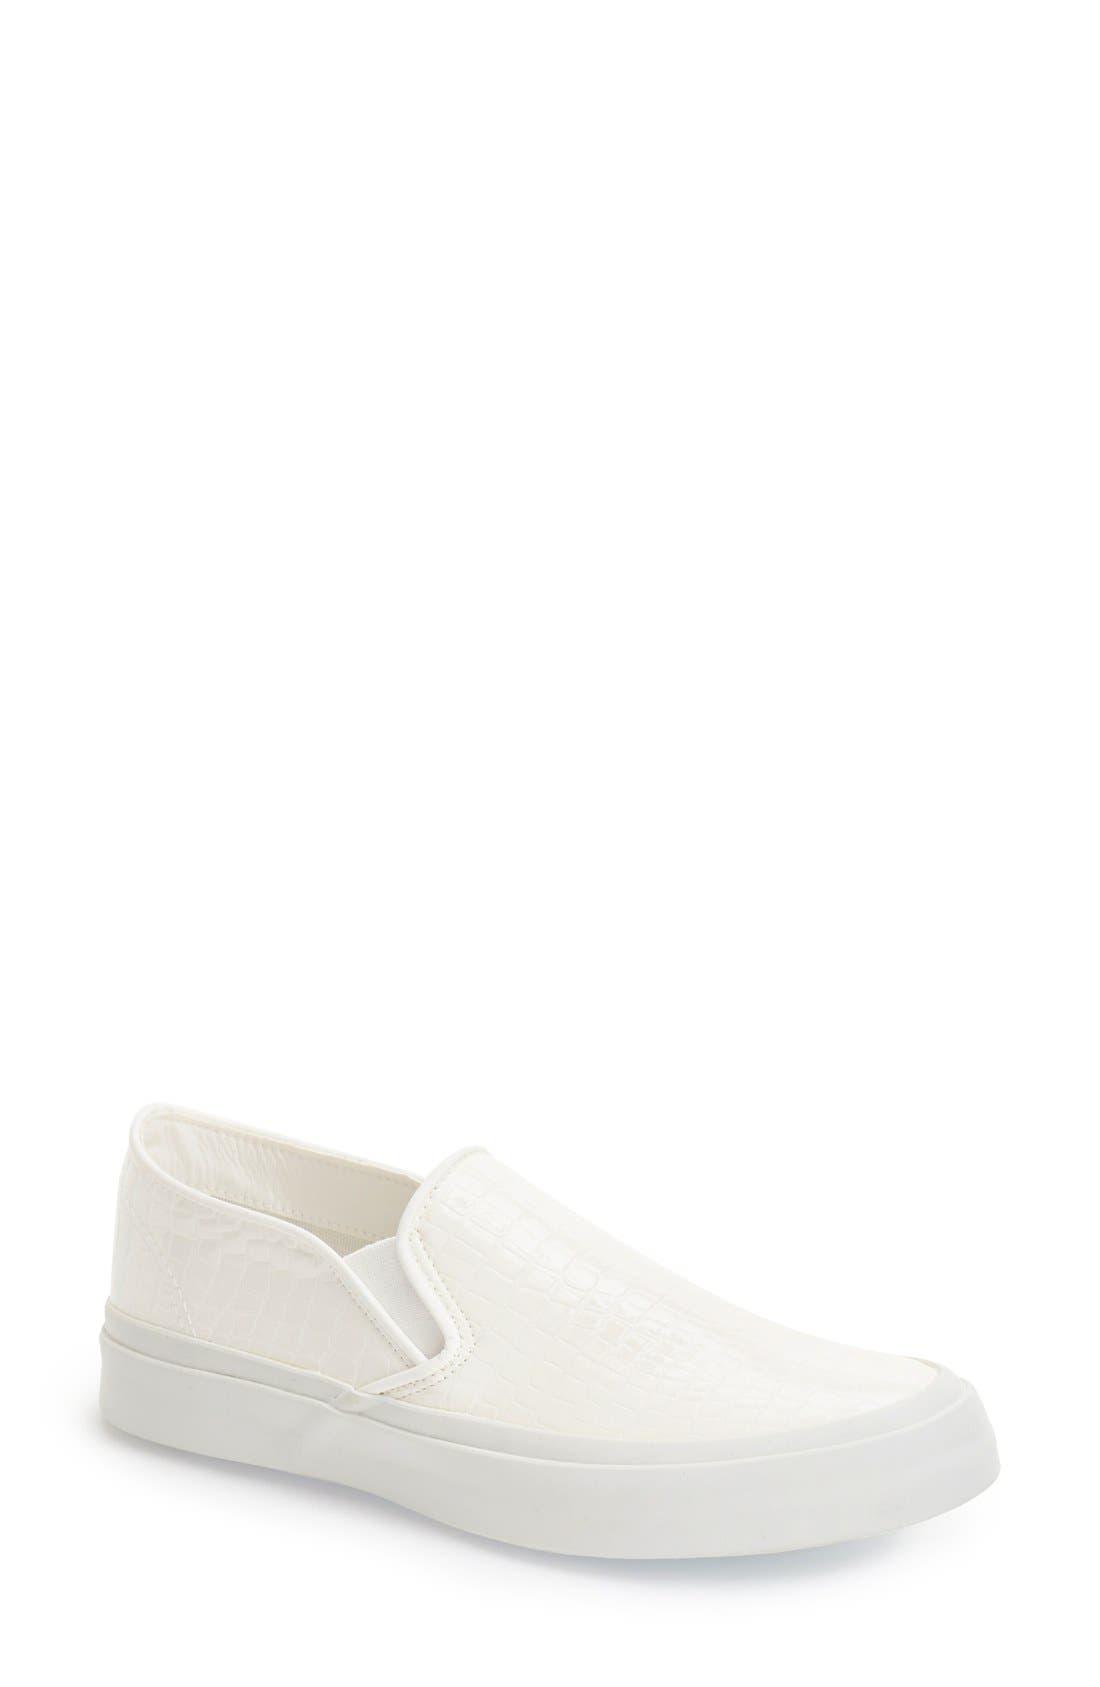 Alternate Image 1 Selected - Junya Watanabe Slip-On Sneaker (Women)